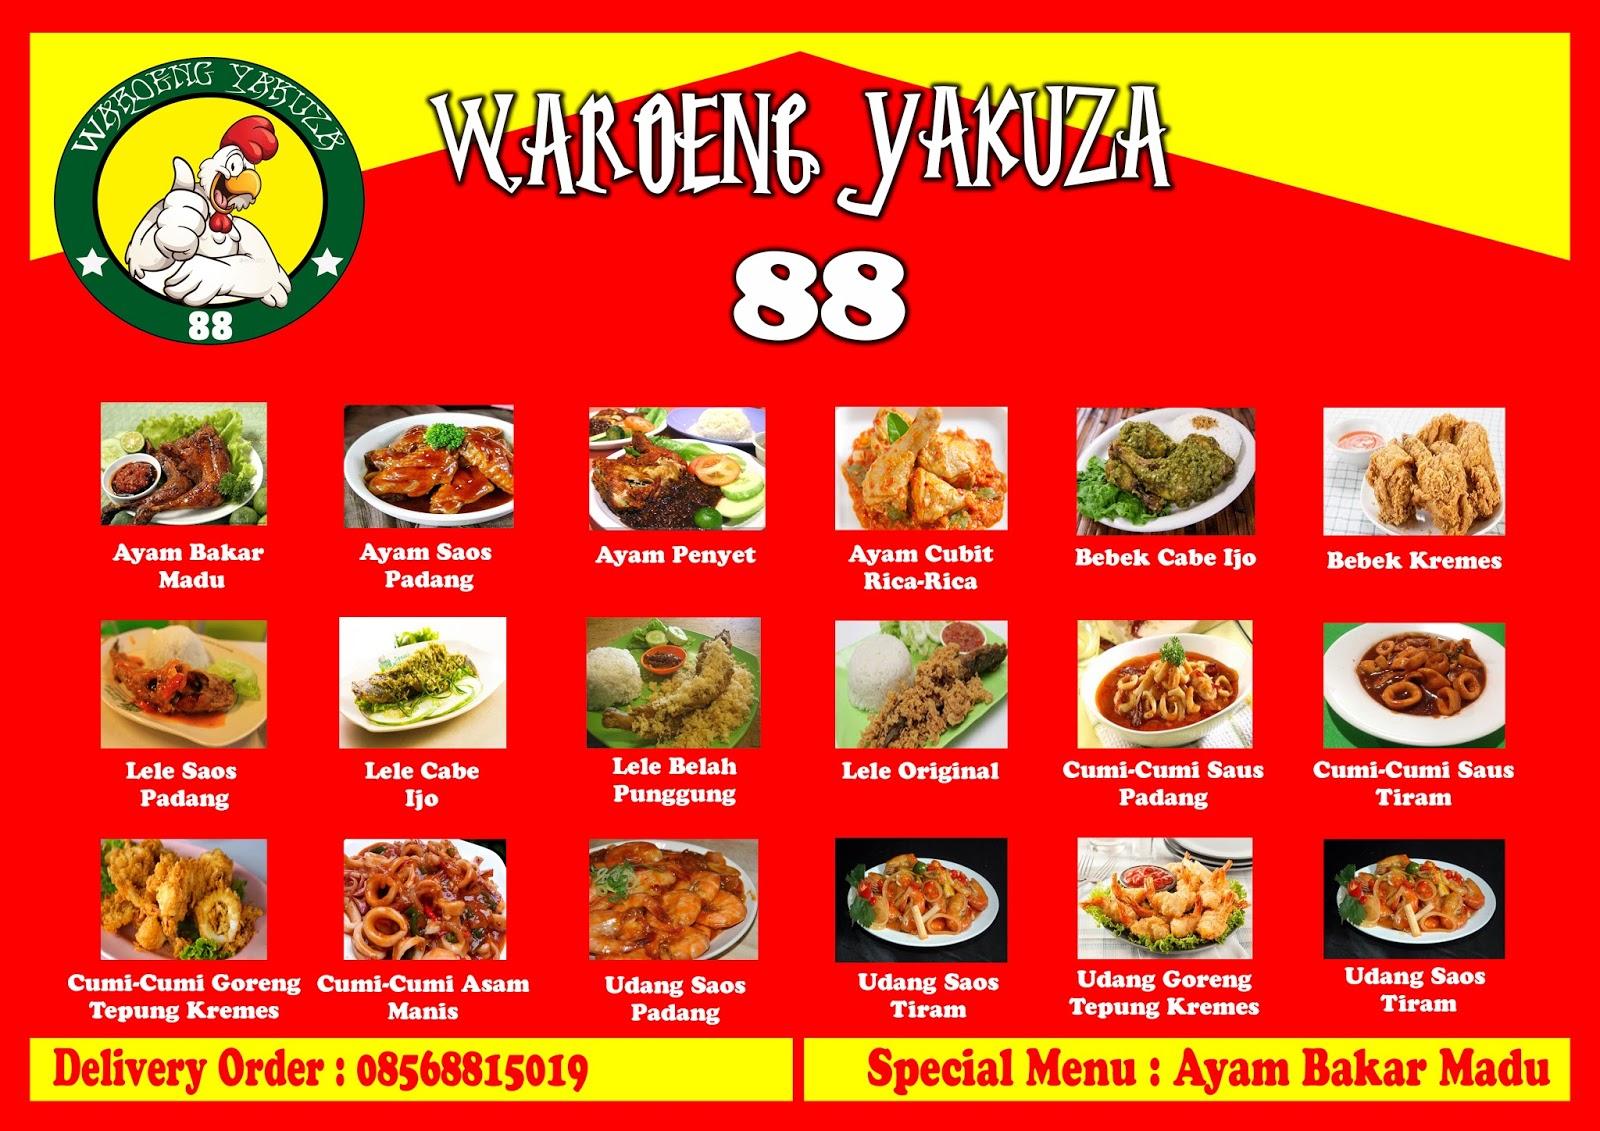 Desain Complete Logo Daftar Menu Brosur Spanduk Banner Dan Cover Daftar Menu Perusahaan Makanan Waroeng Yakuza Di Bekasi